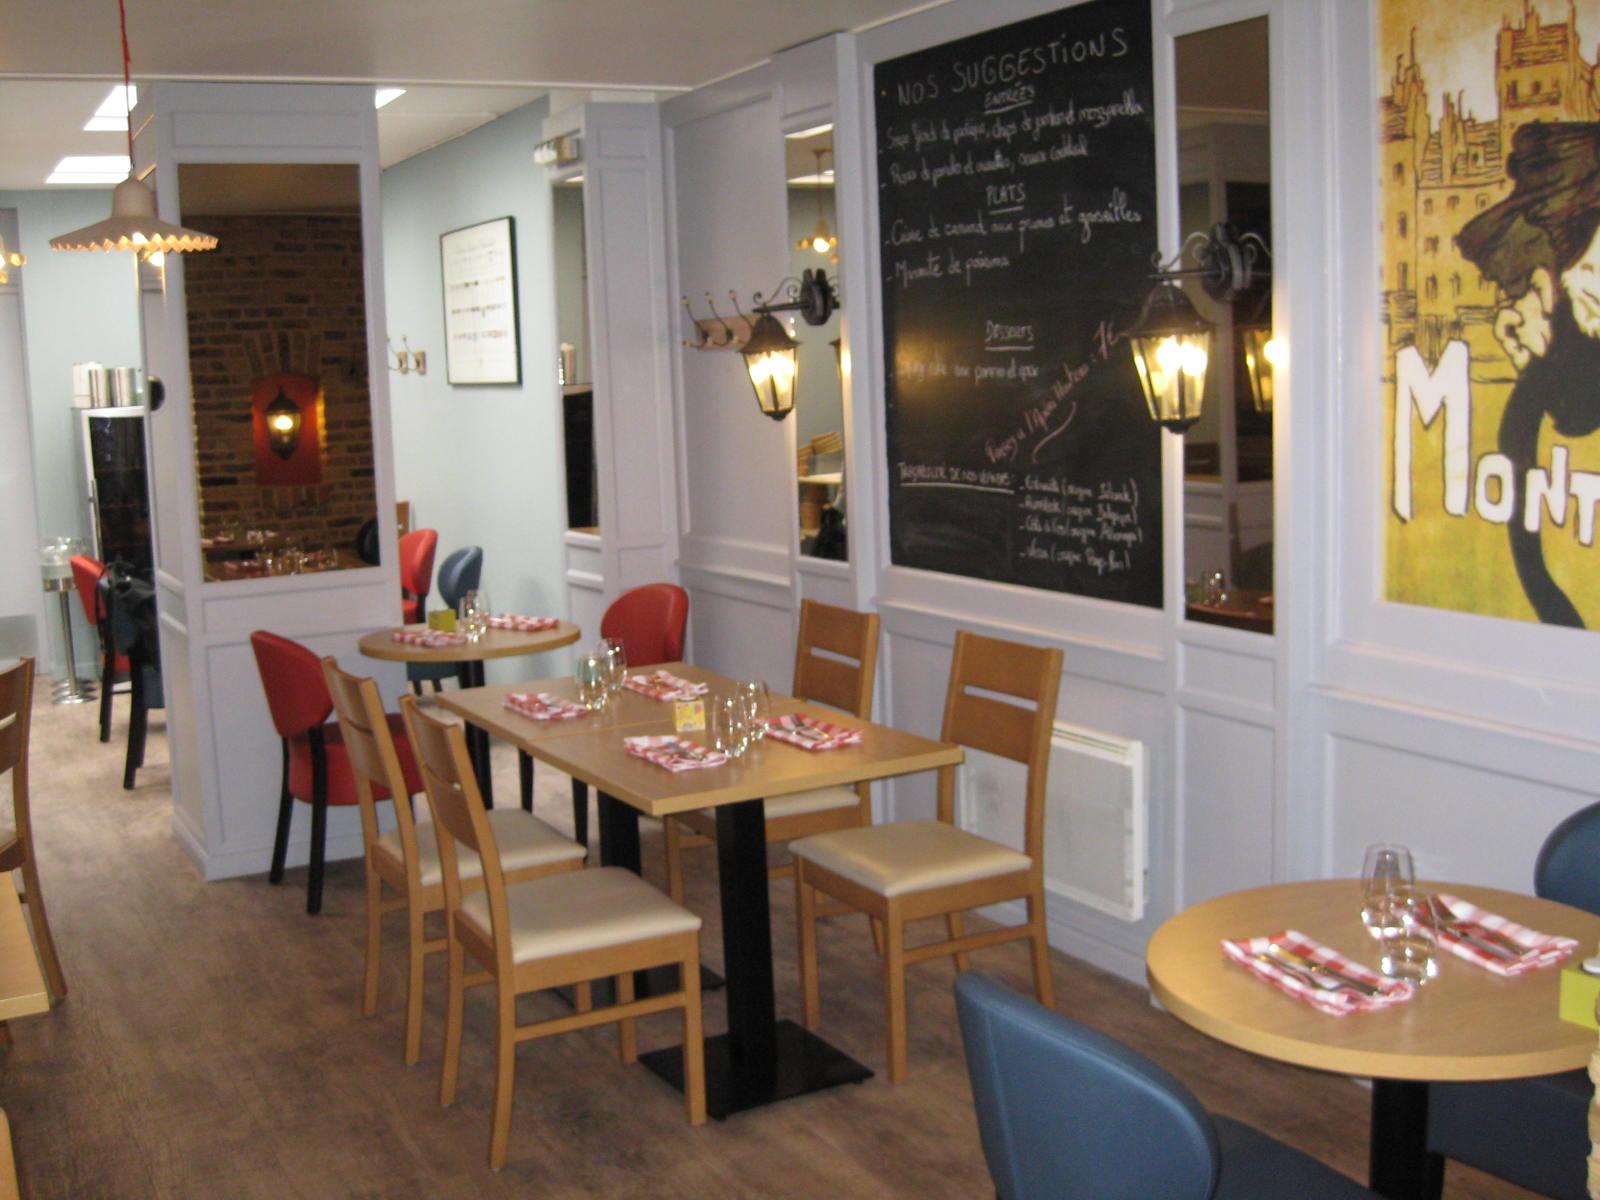 Le p 39 tit montmartre restaurant saint omer for Le miroir restaurant montmartre